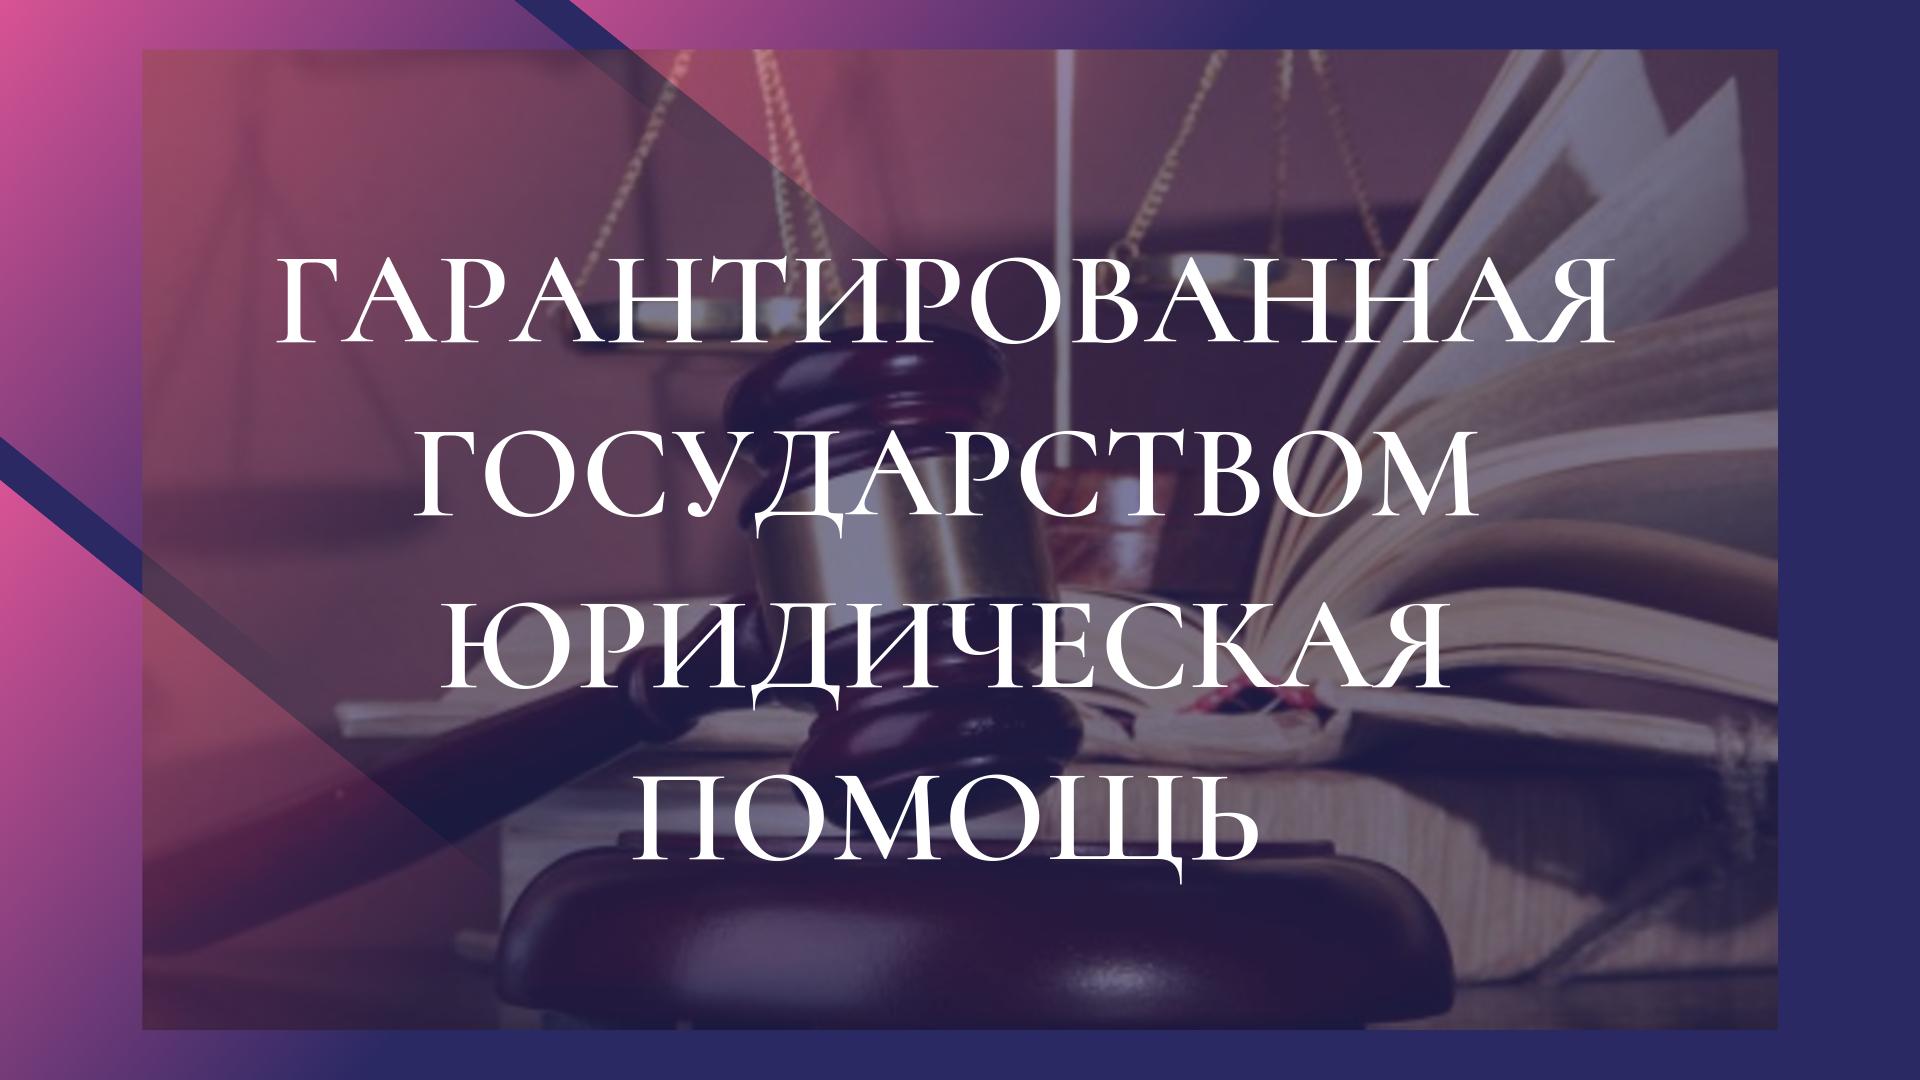 Конкурс среди журналистов и блогеров Кыргызстана о гарантированной государством юридической помощи в КР